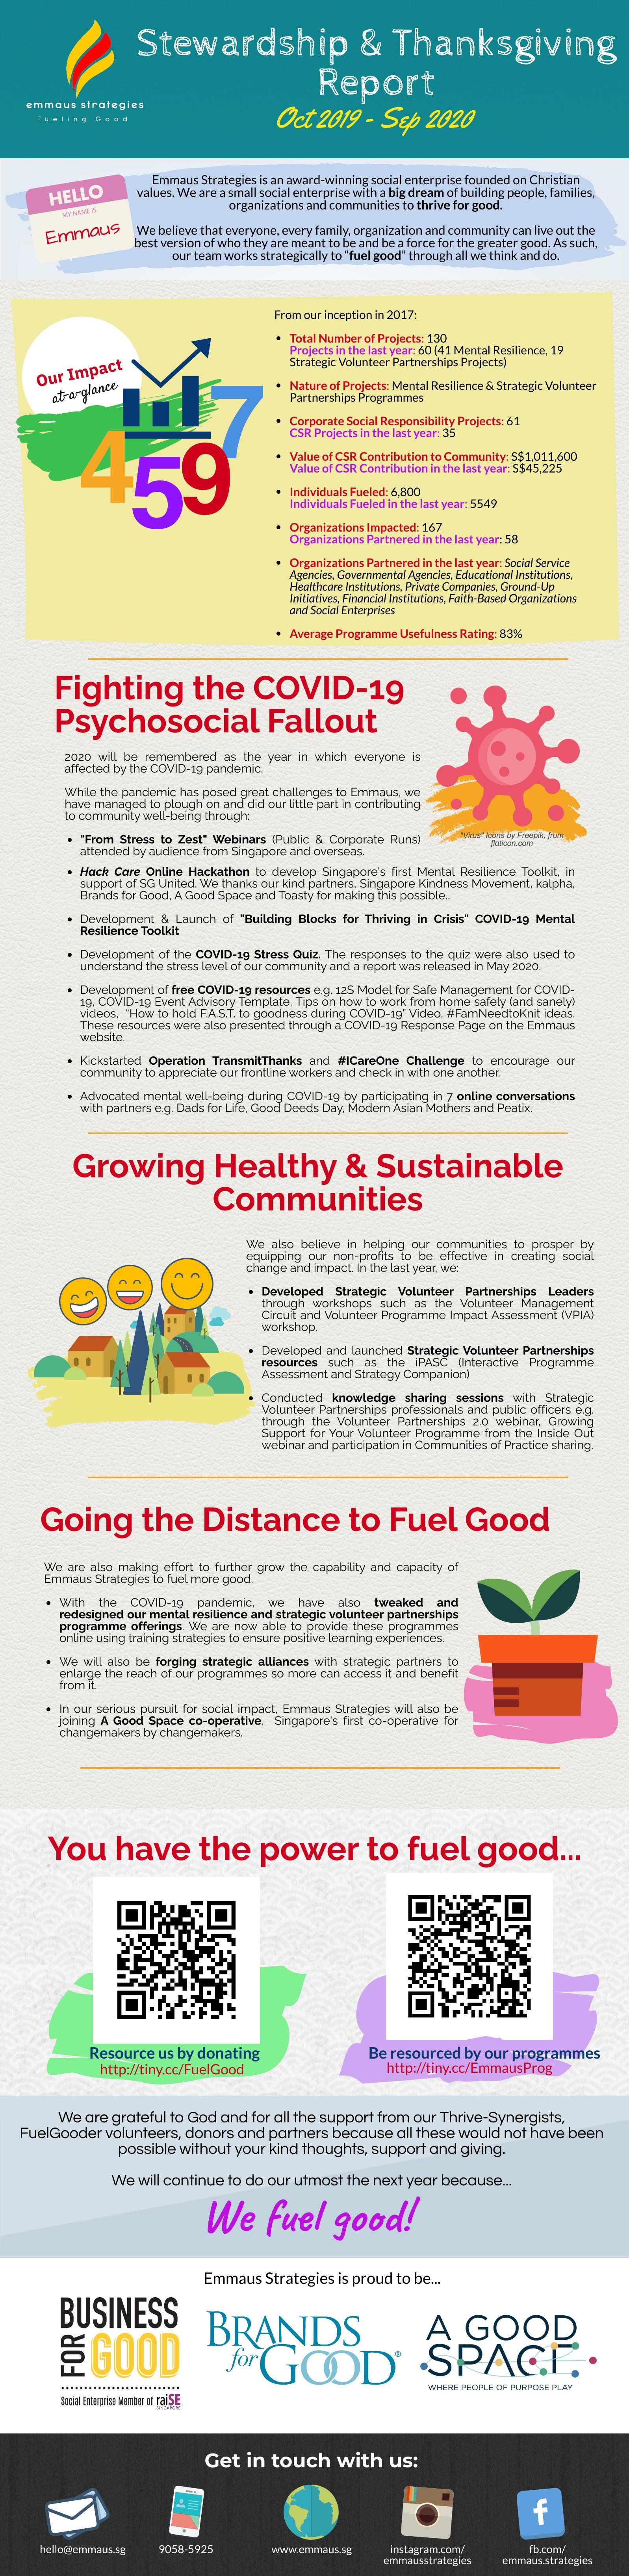 Stewardship 2020 Infographic